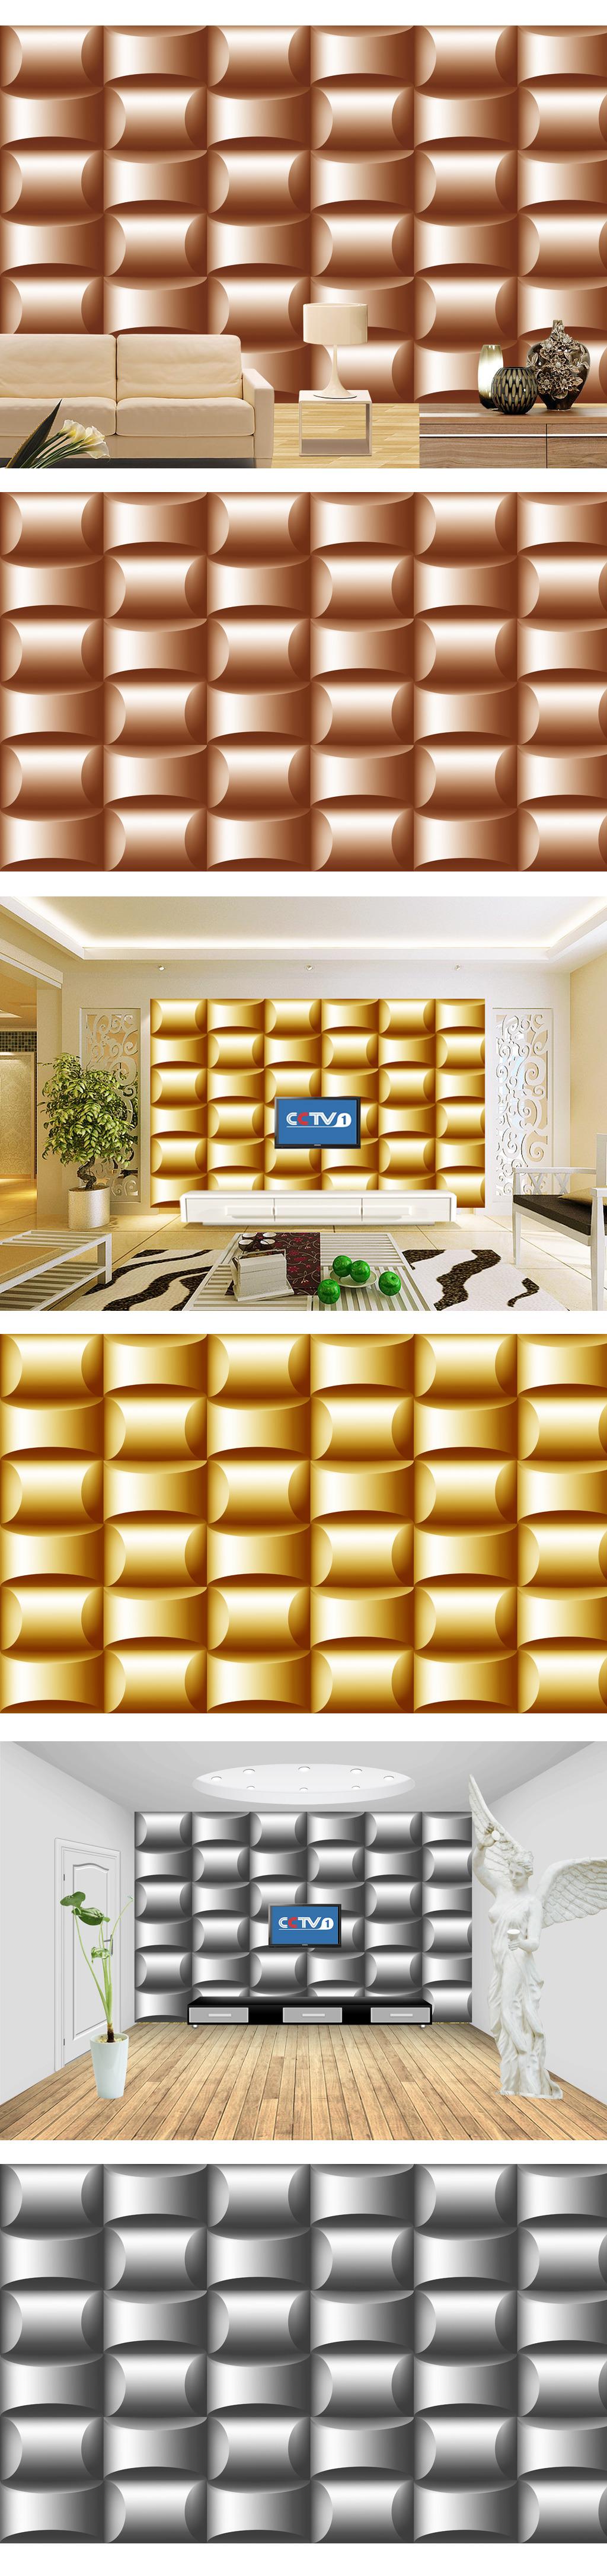 背景墙 电视/[版权图片]大气简约几何立体块纯色电视背景墙